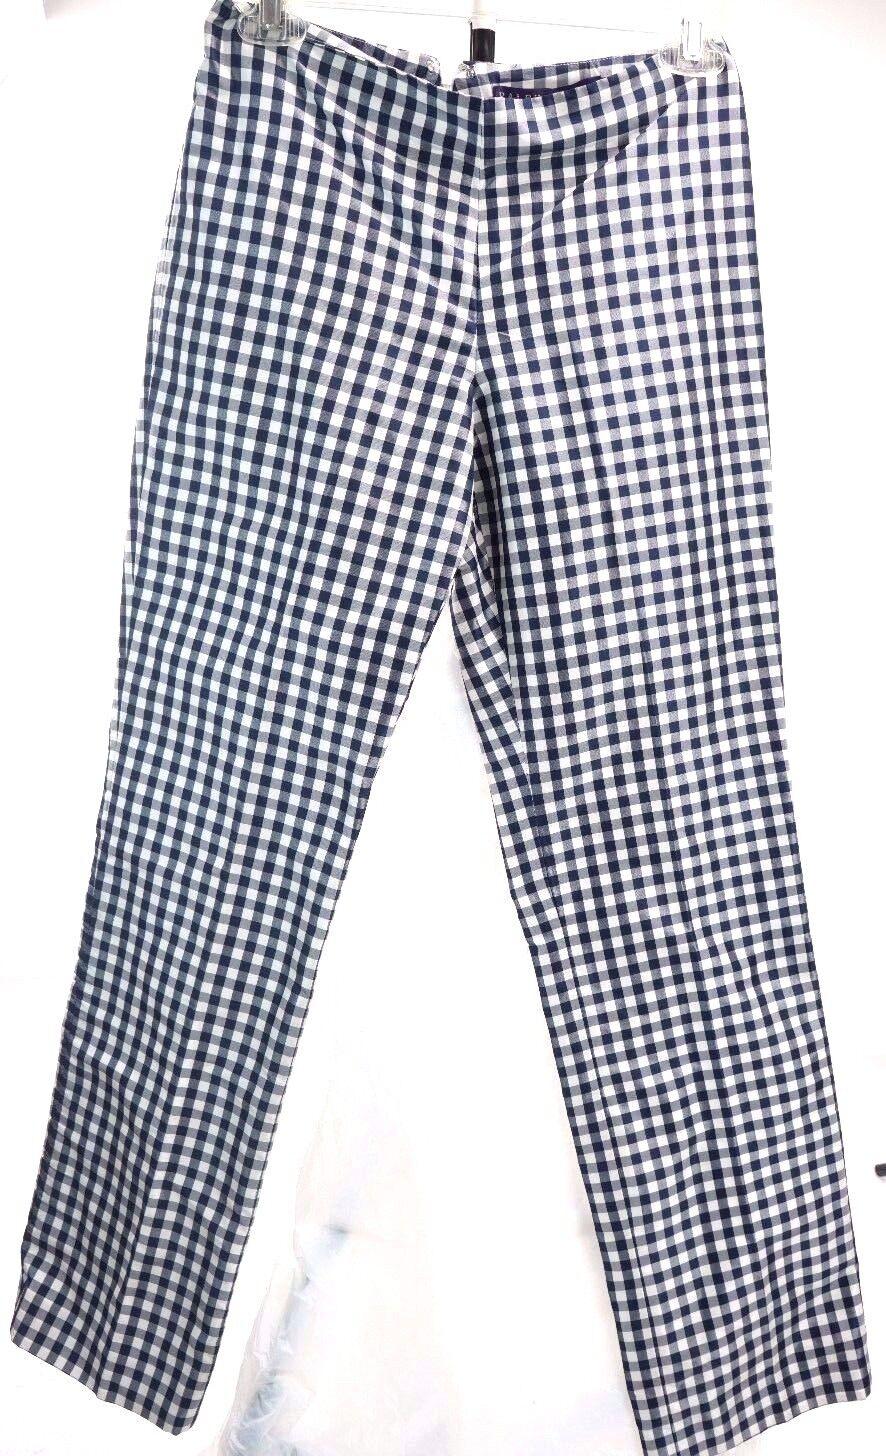 RALPH LAUREN PURPLE LABEL COLLECTION 100% Silk Purple Plaid Pants Size 2 W26 L28